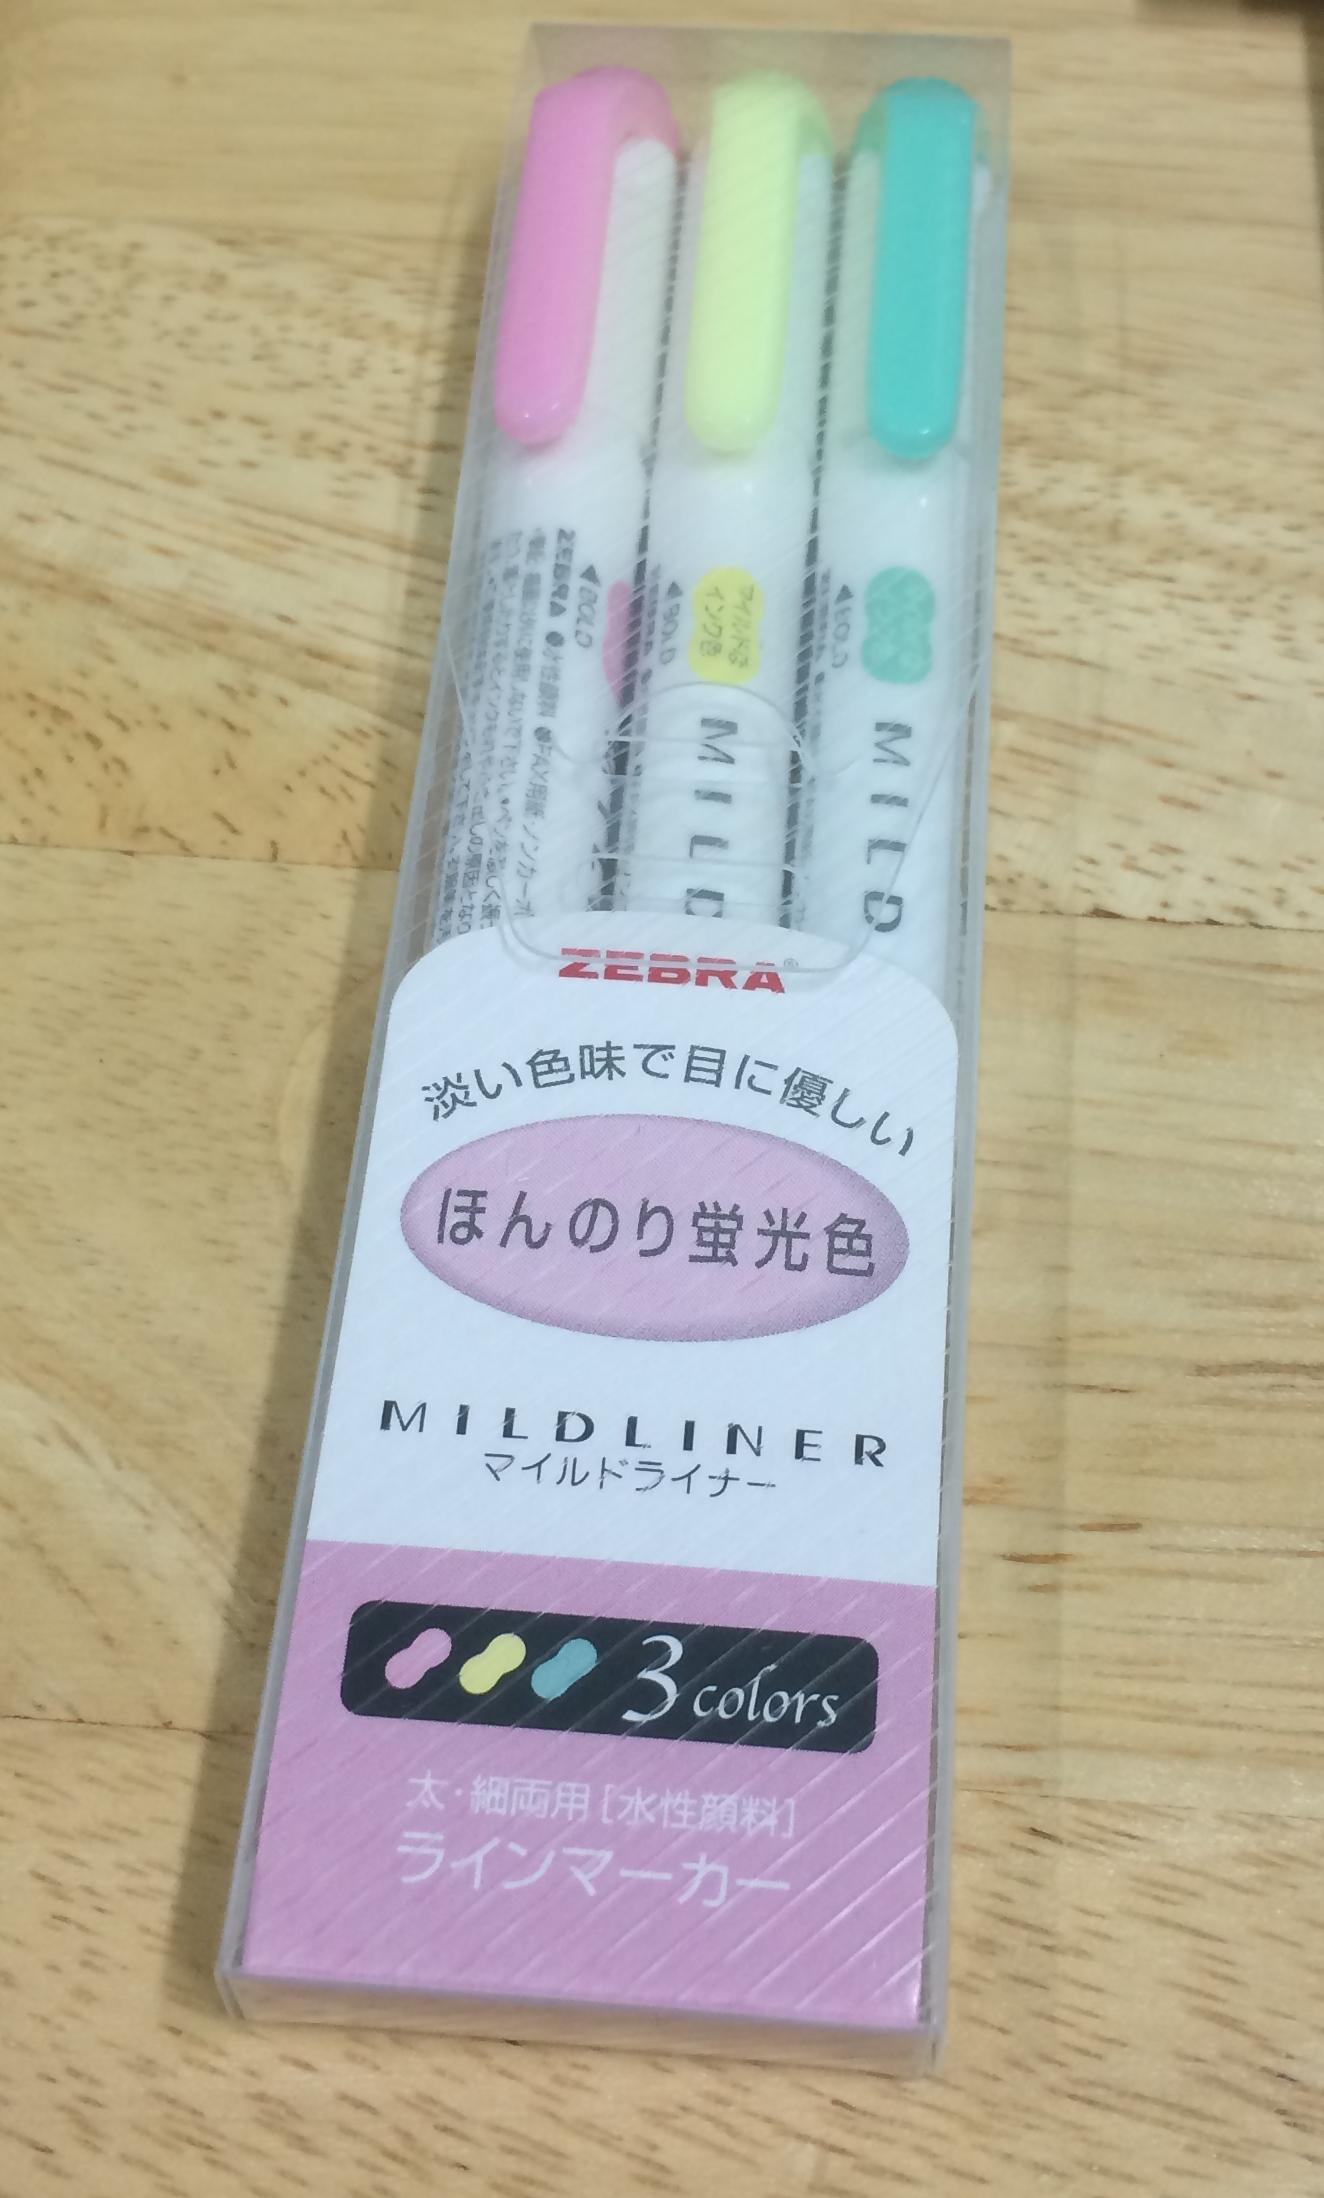 Mildliner Highlighter - Set 3 Colors